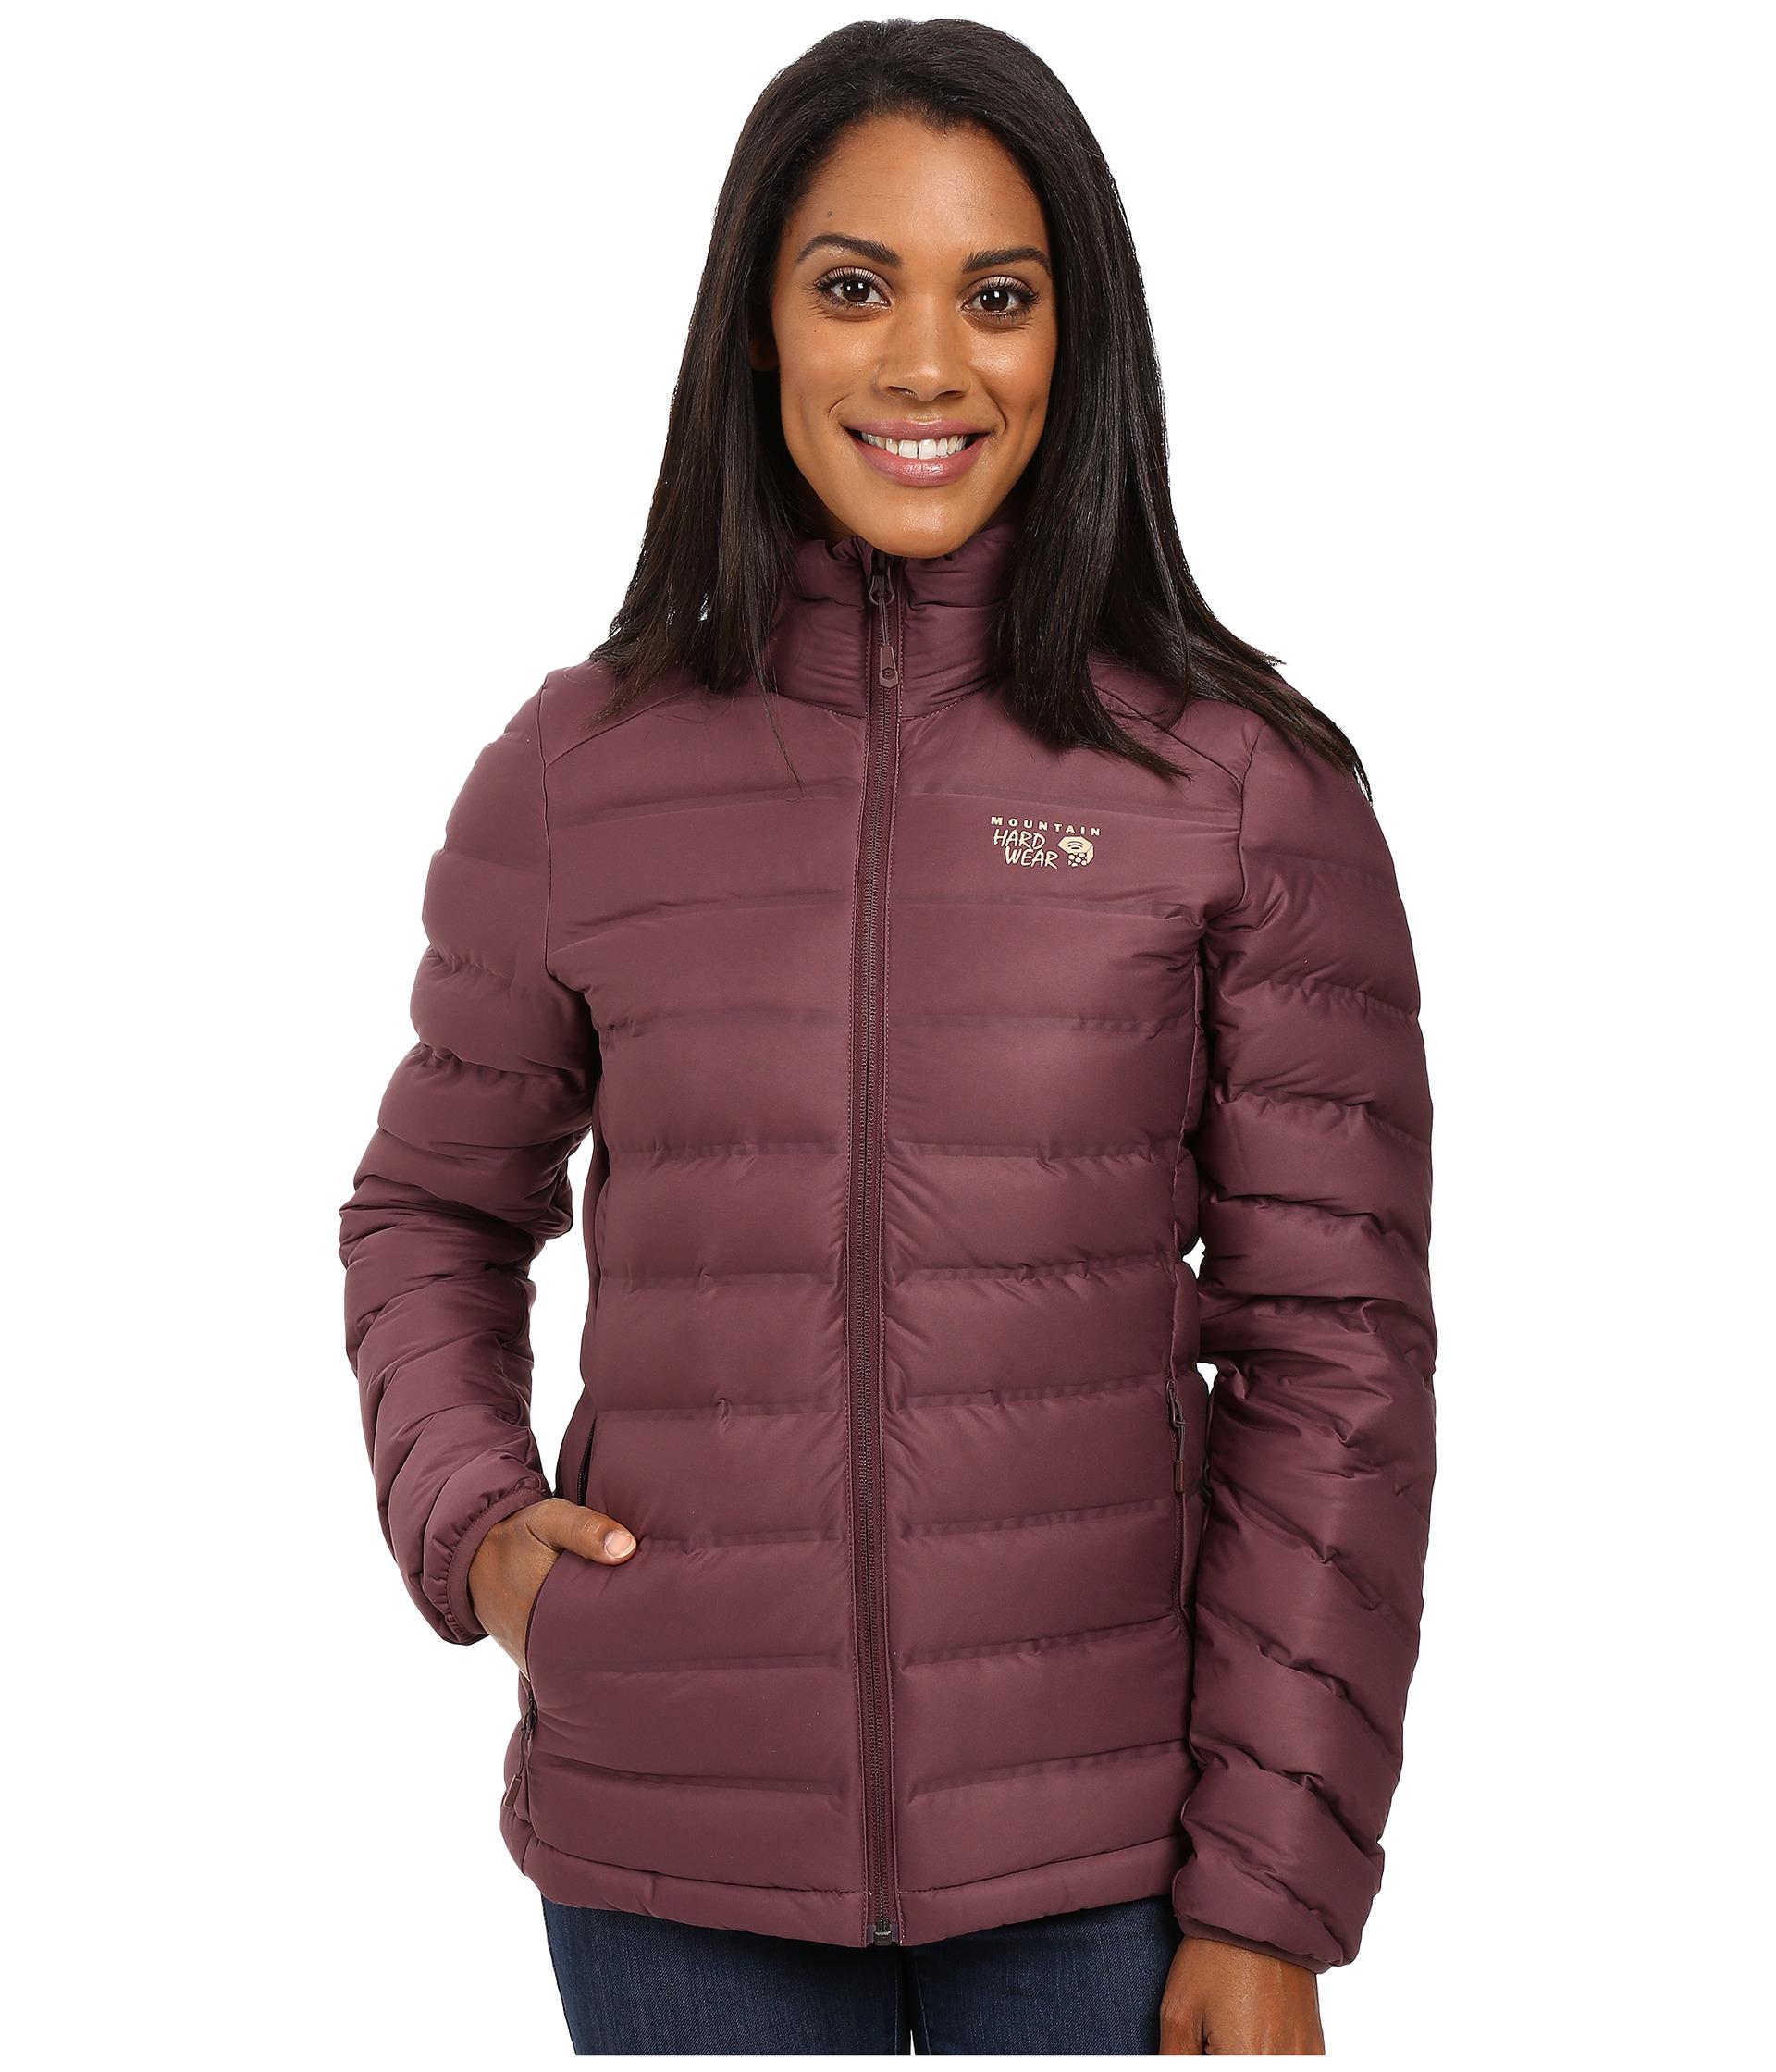 45fd04f1b Mountain Hardwear Purple Mountain Hardware Stretchdown(tm) Hooded Jacket